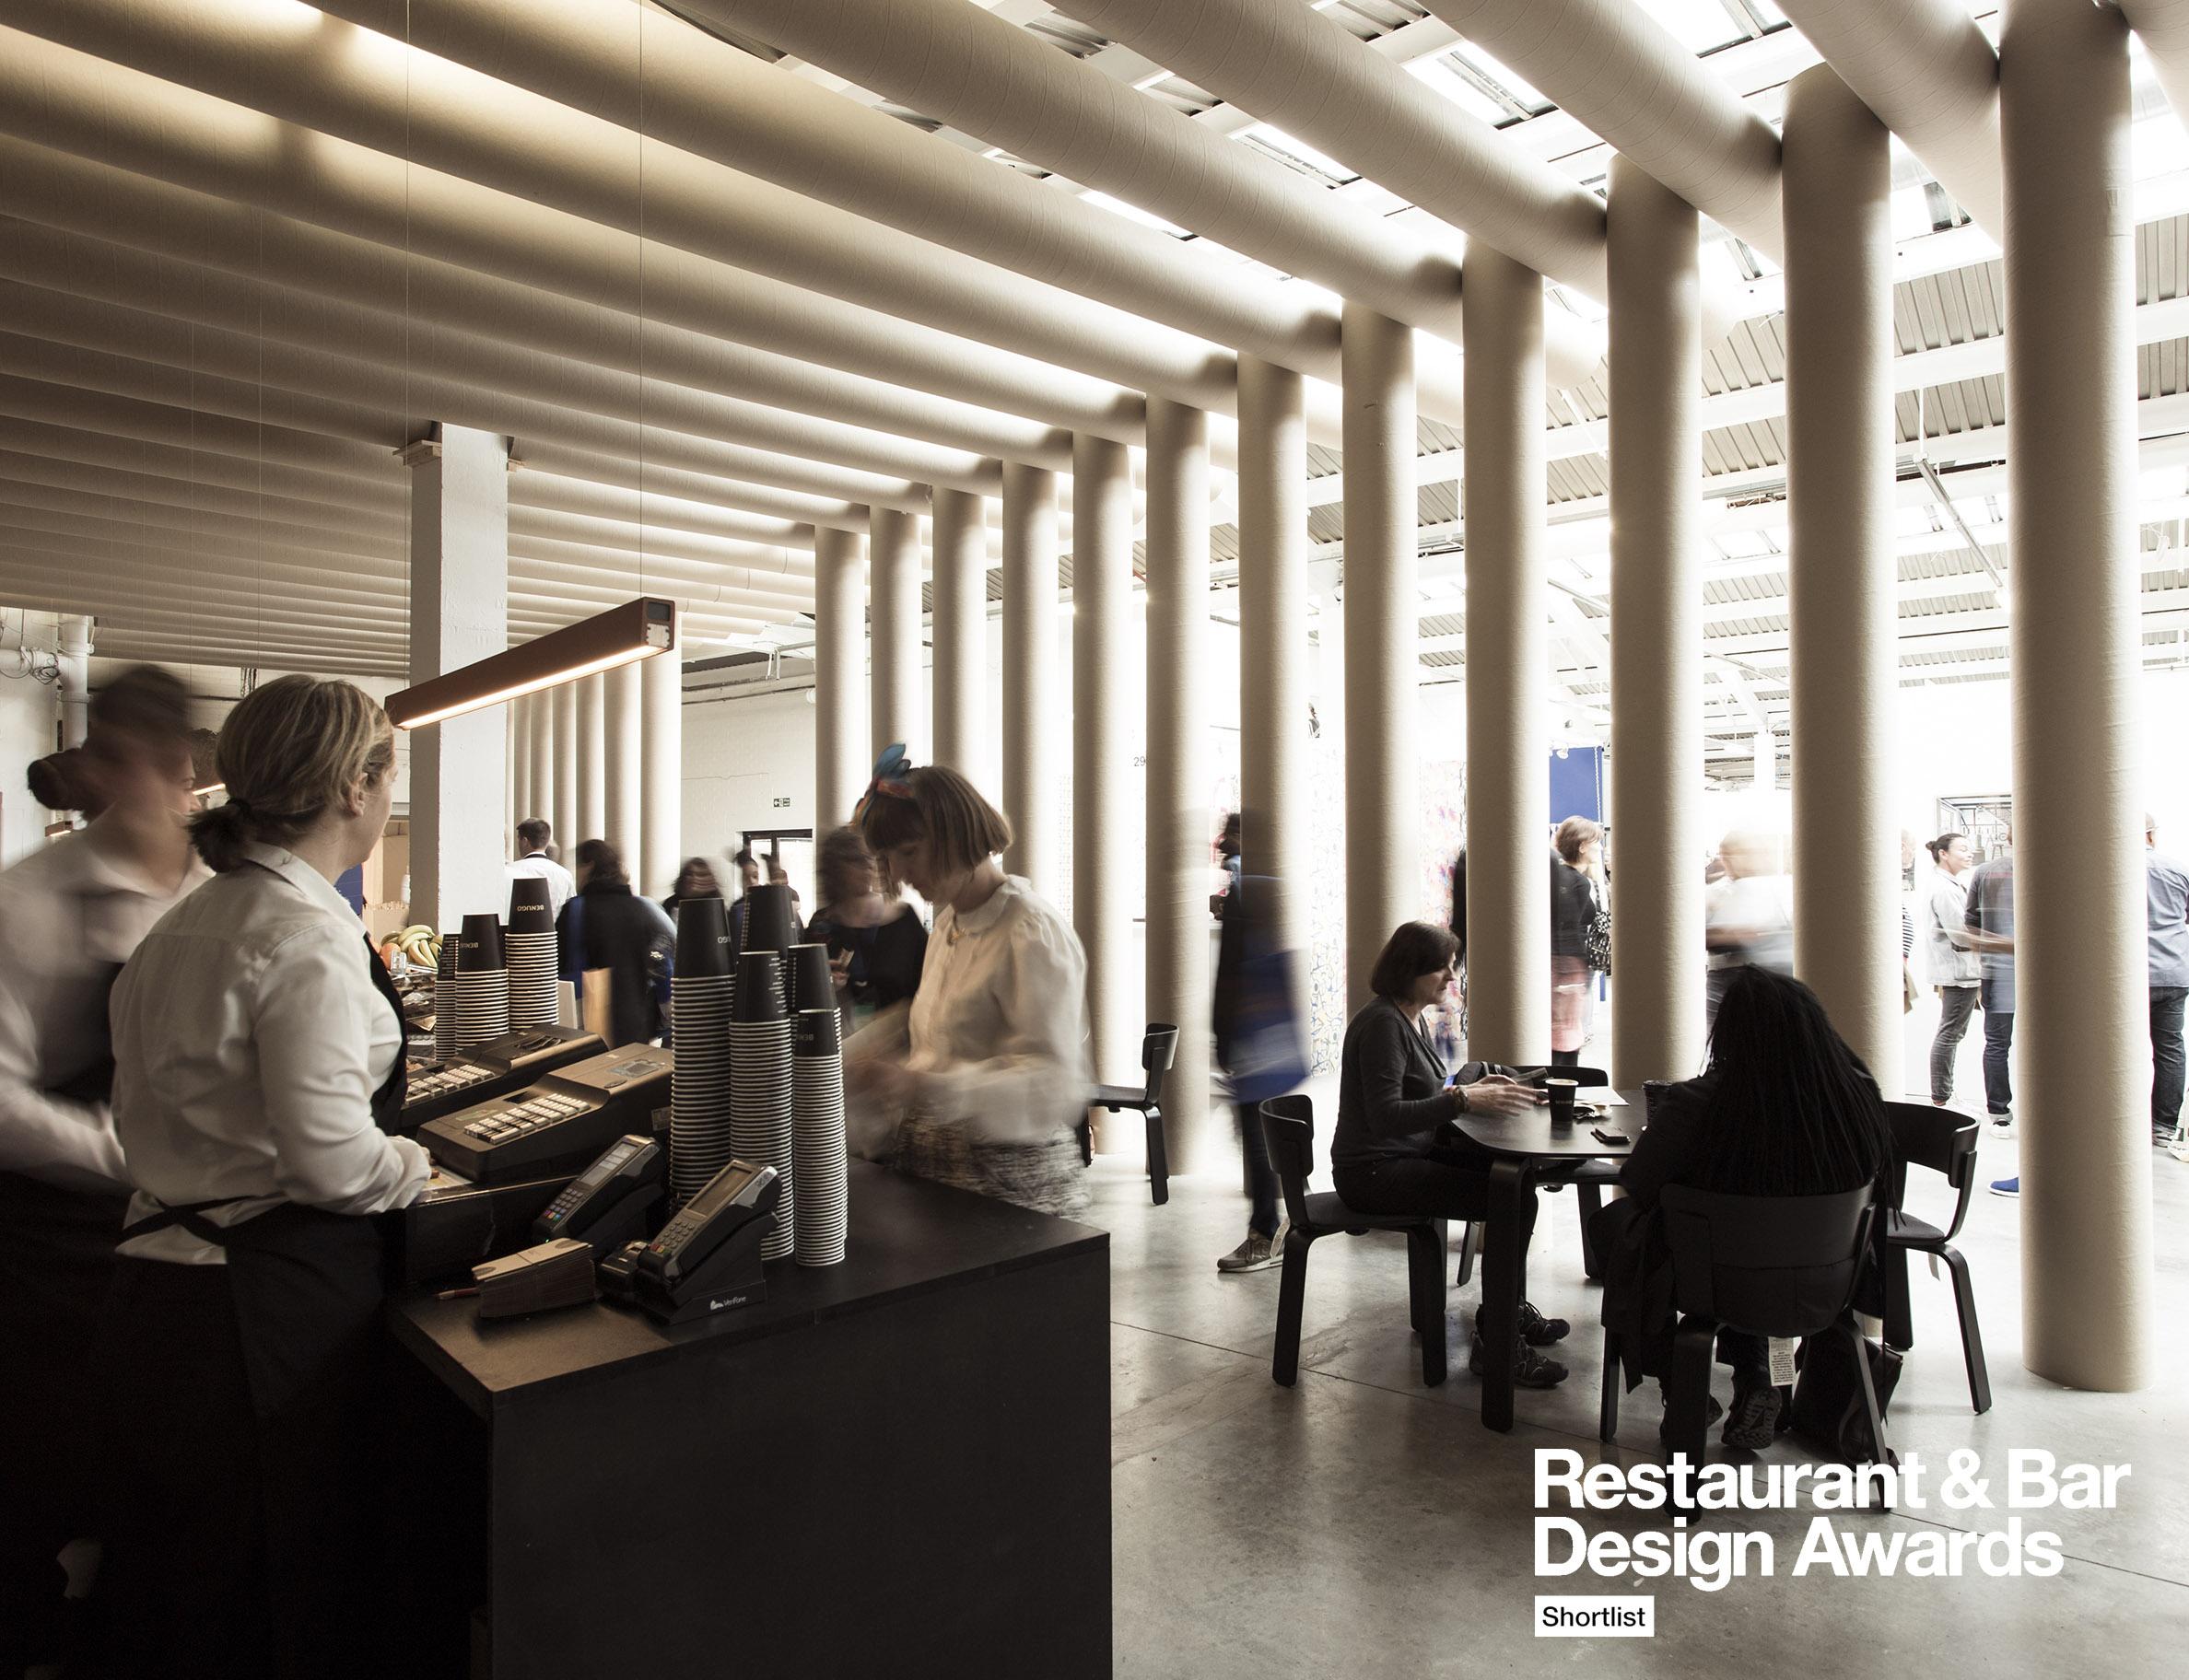 TENT LONDON POP UP BAR Helen Hughes Design Restaurant and bar design awards shortlist.jpg